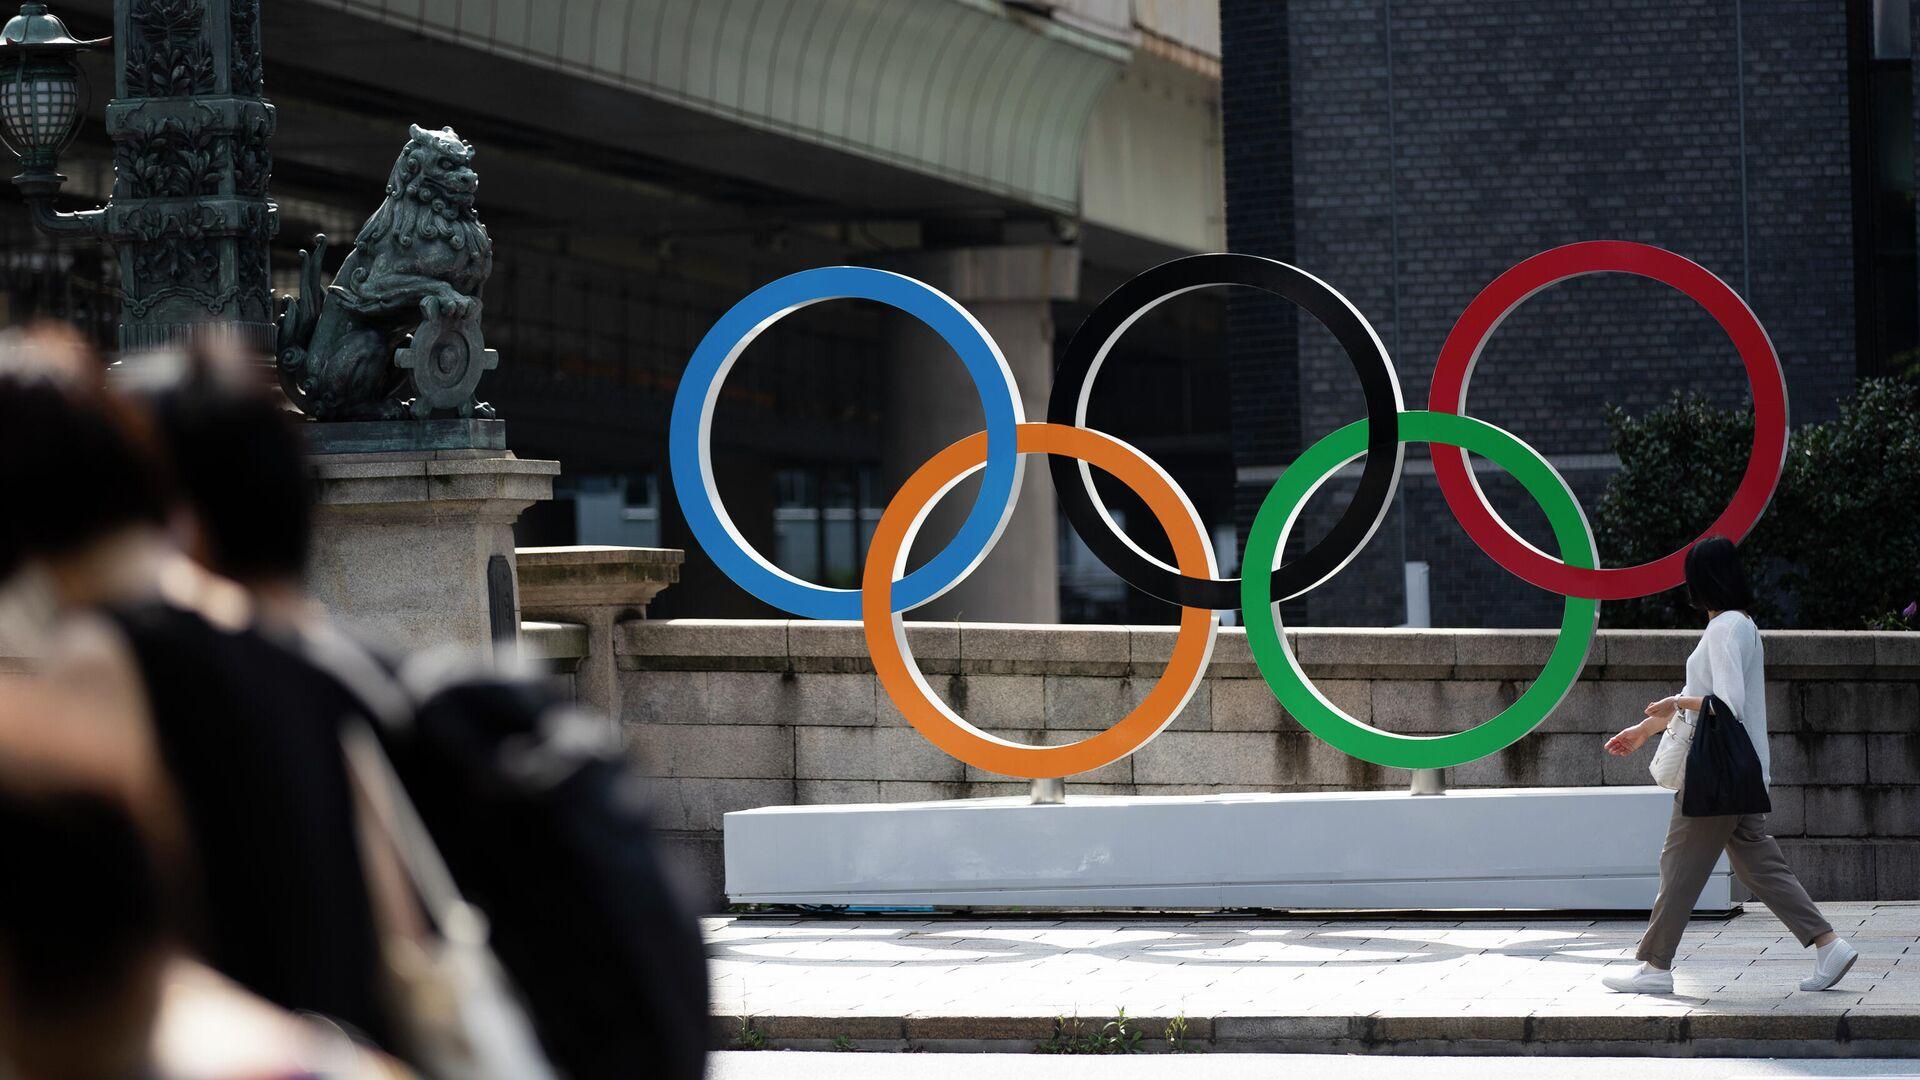 Оргкомитет Олимпиады в Токио отстранил режиссера церемонии открытия на фоне скандала